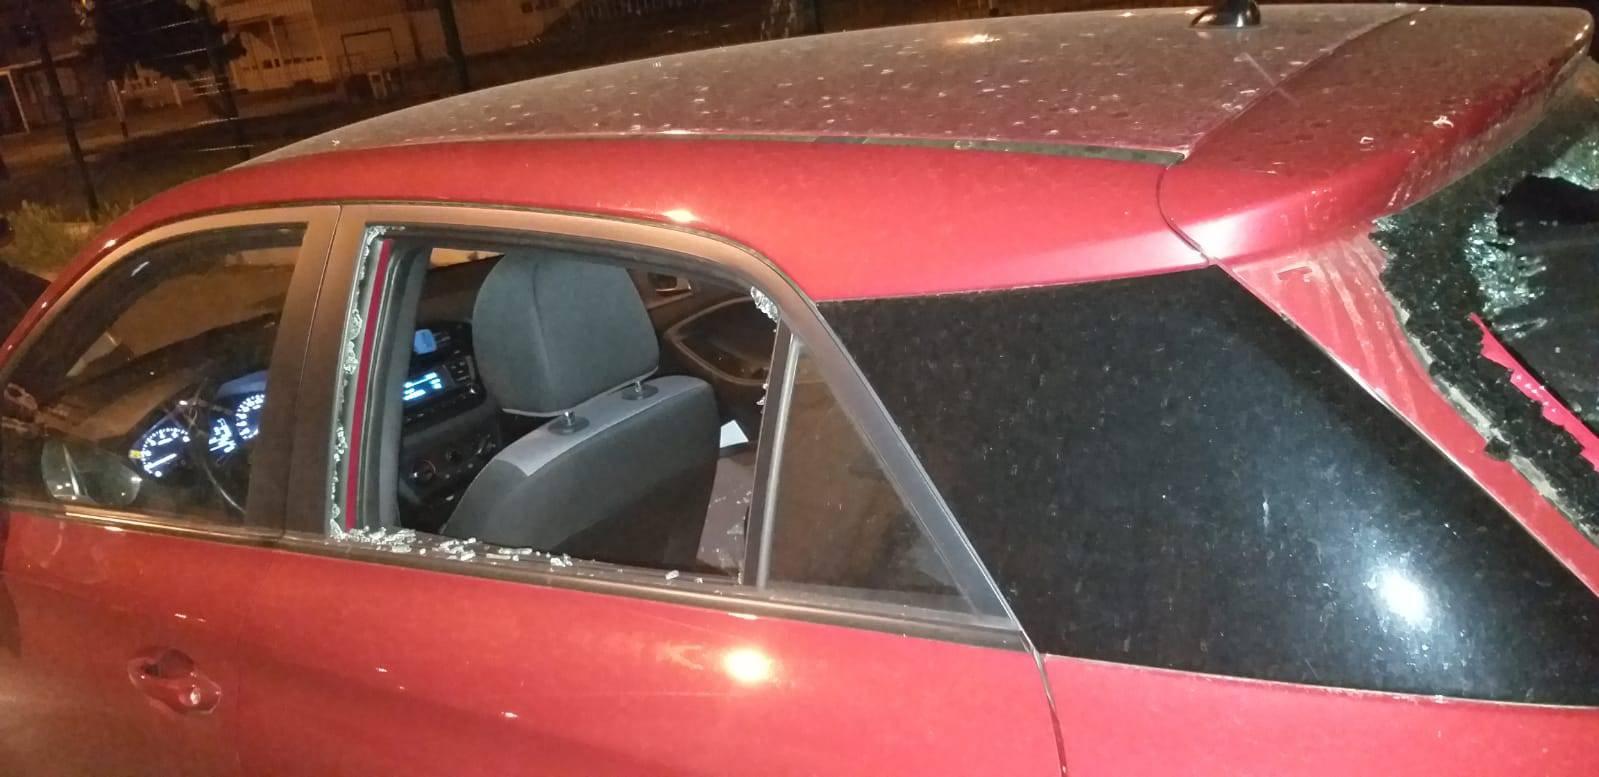 Utrine: Vandali palicama razbili auto i pobjegli, stanari ih vidjeli